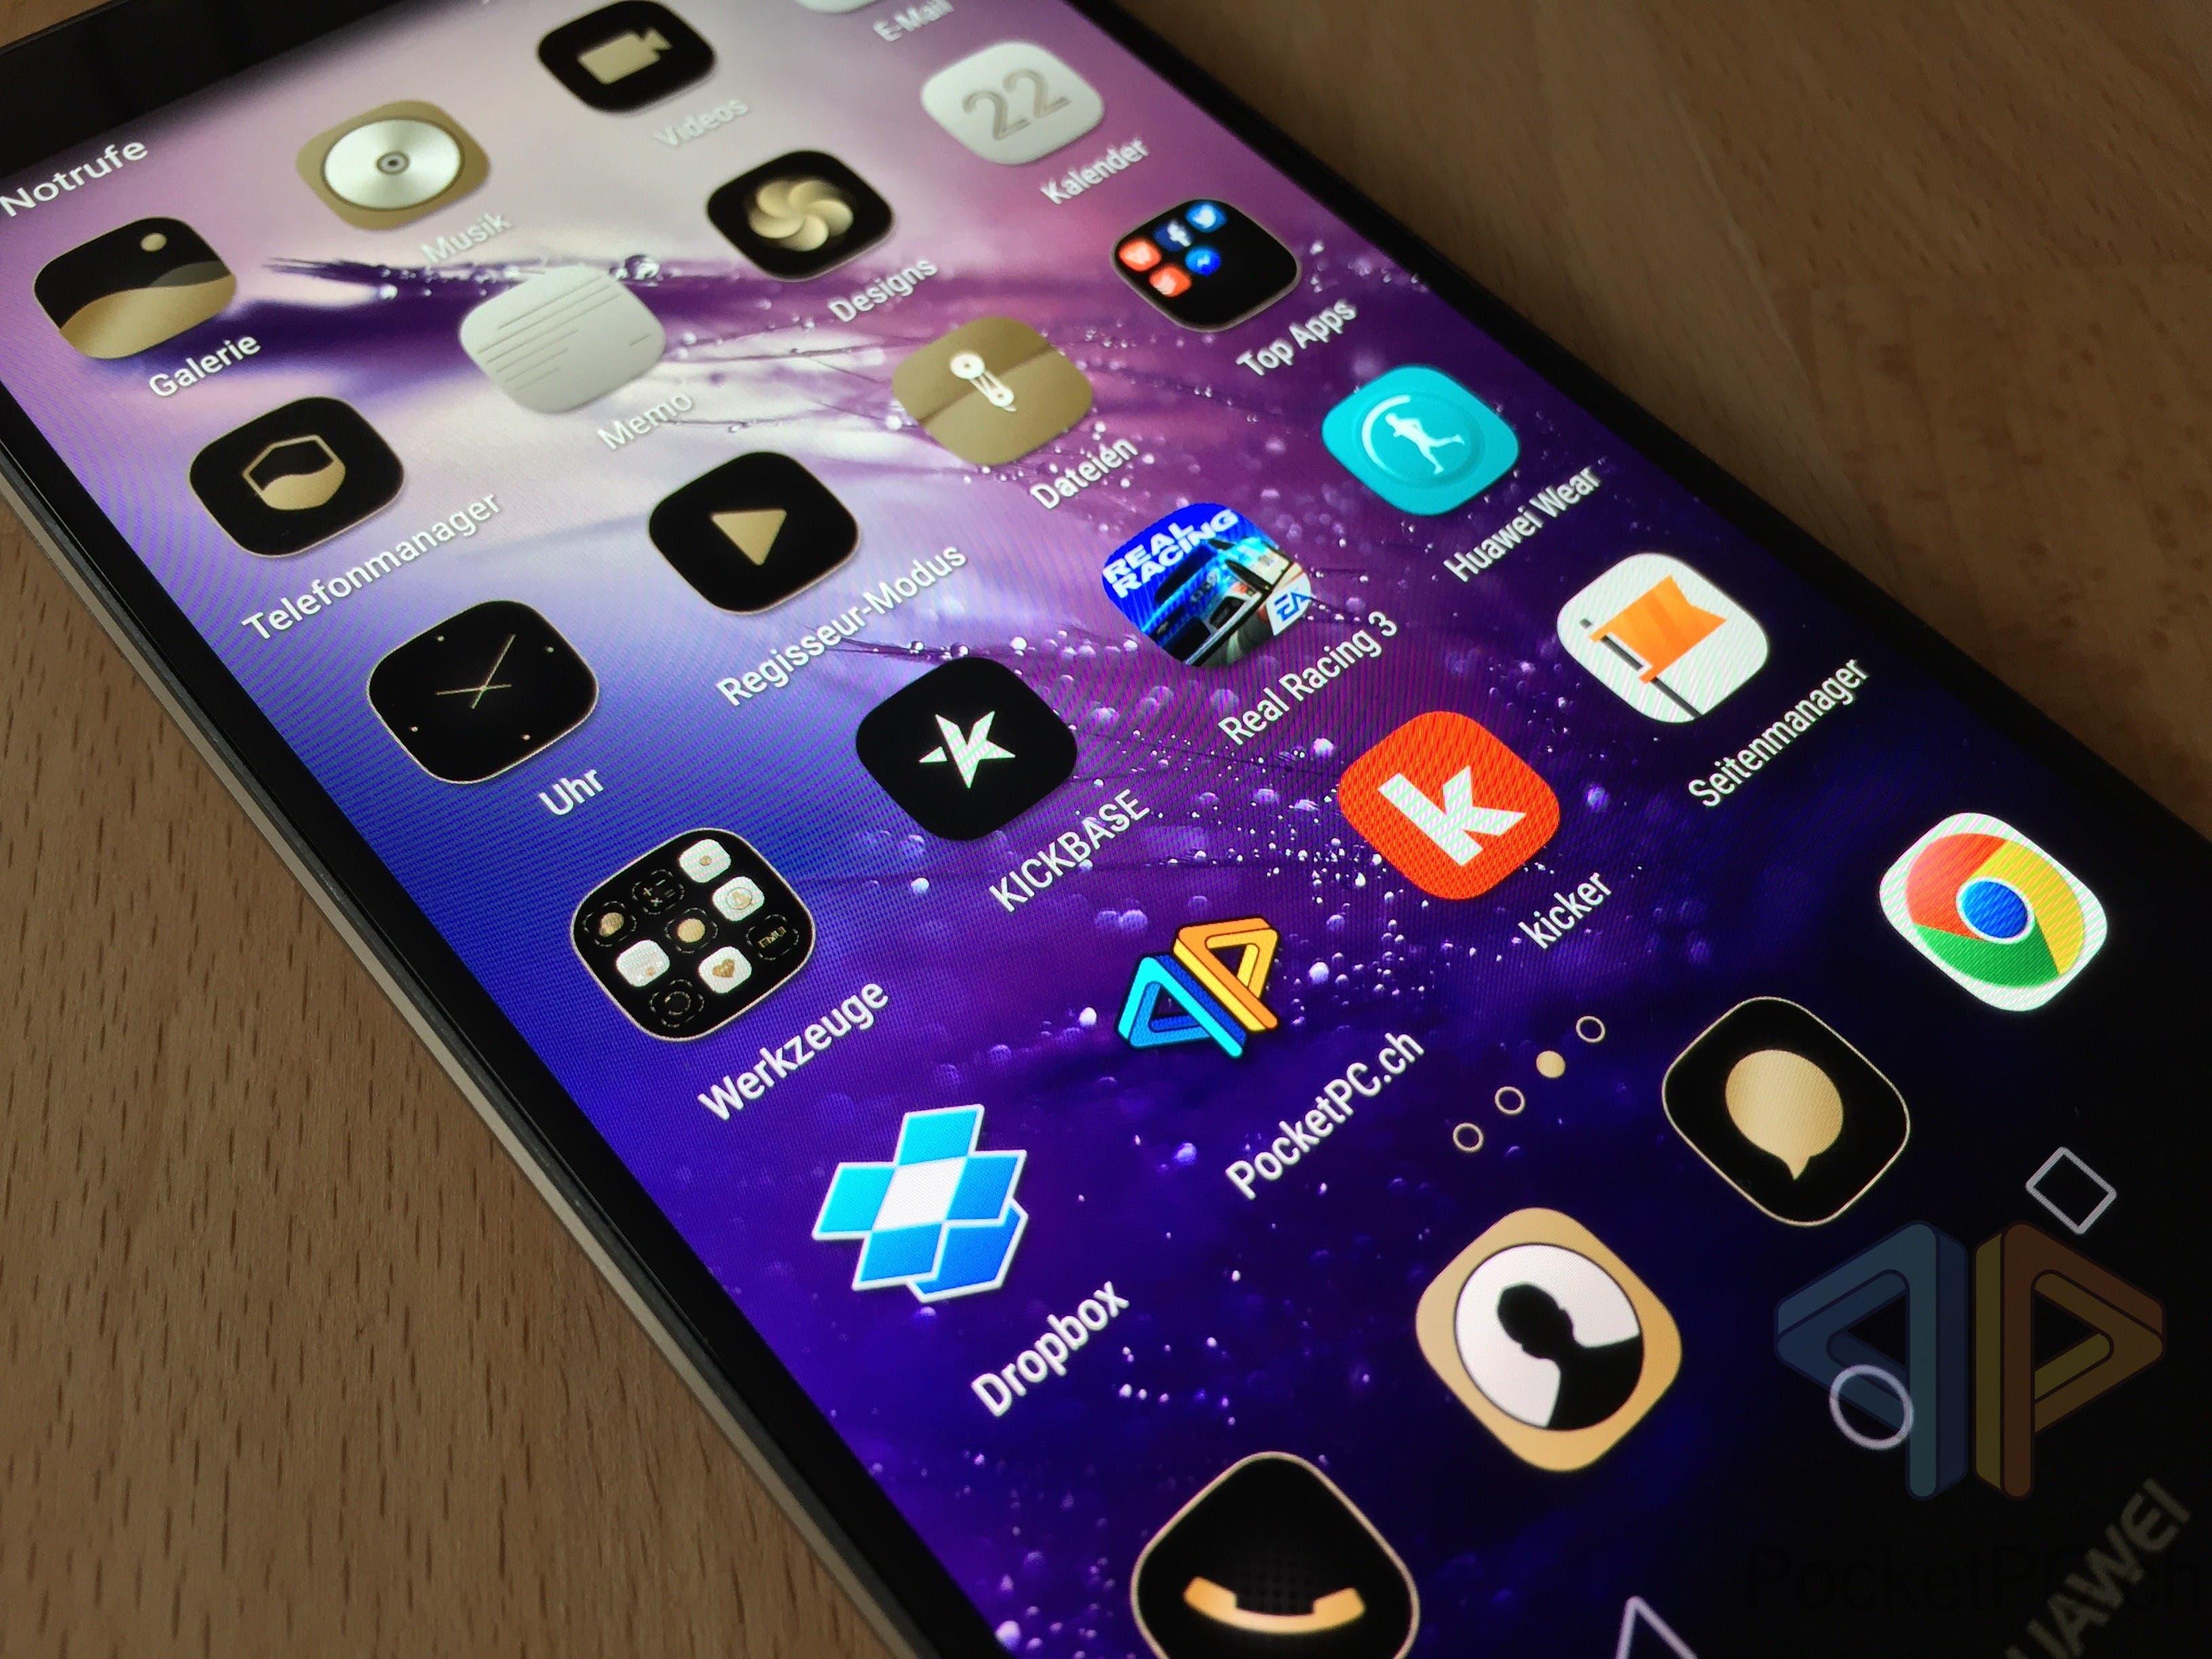 IMG_0009 Review: Huawei Mate S im Test – Preis-Leistungs-Krone abgegeben